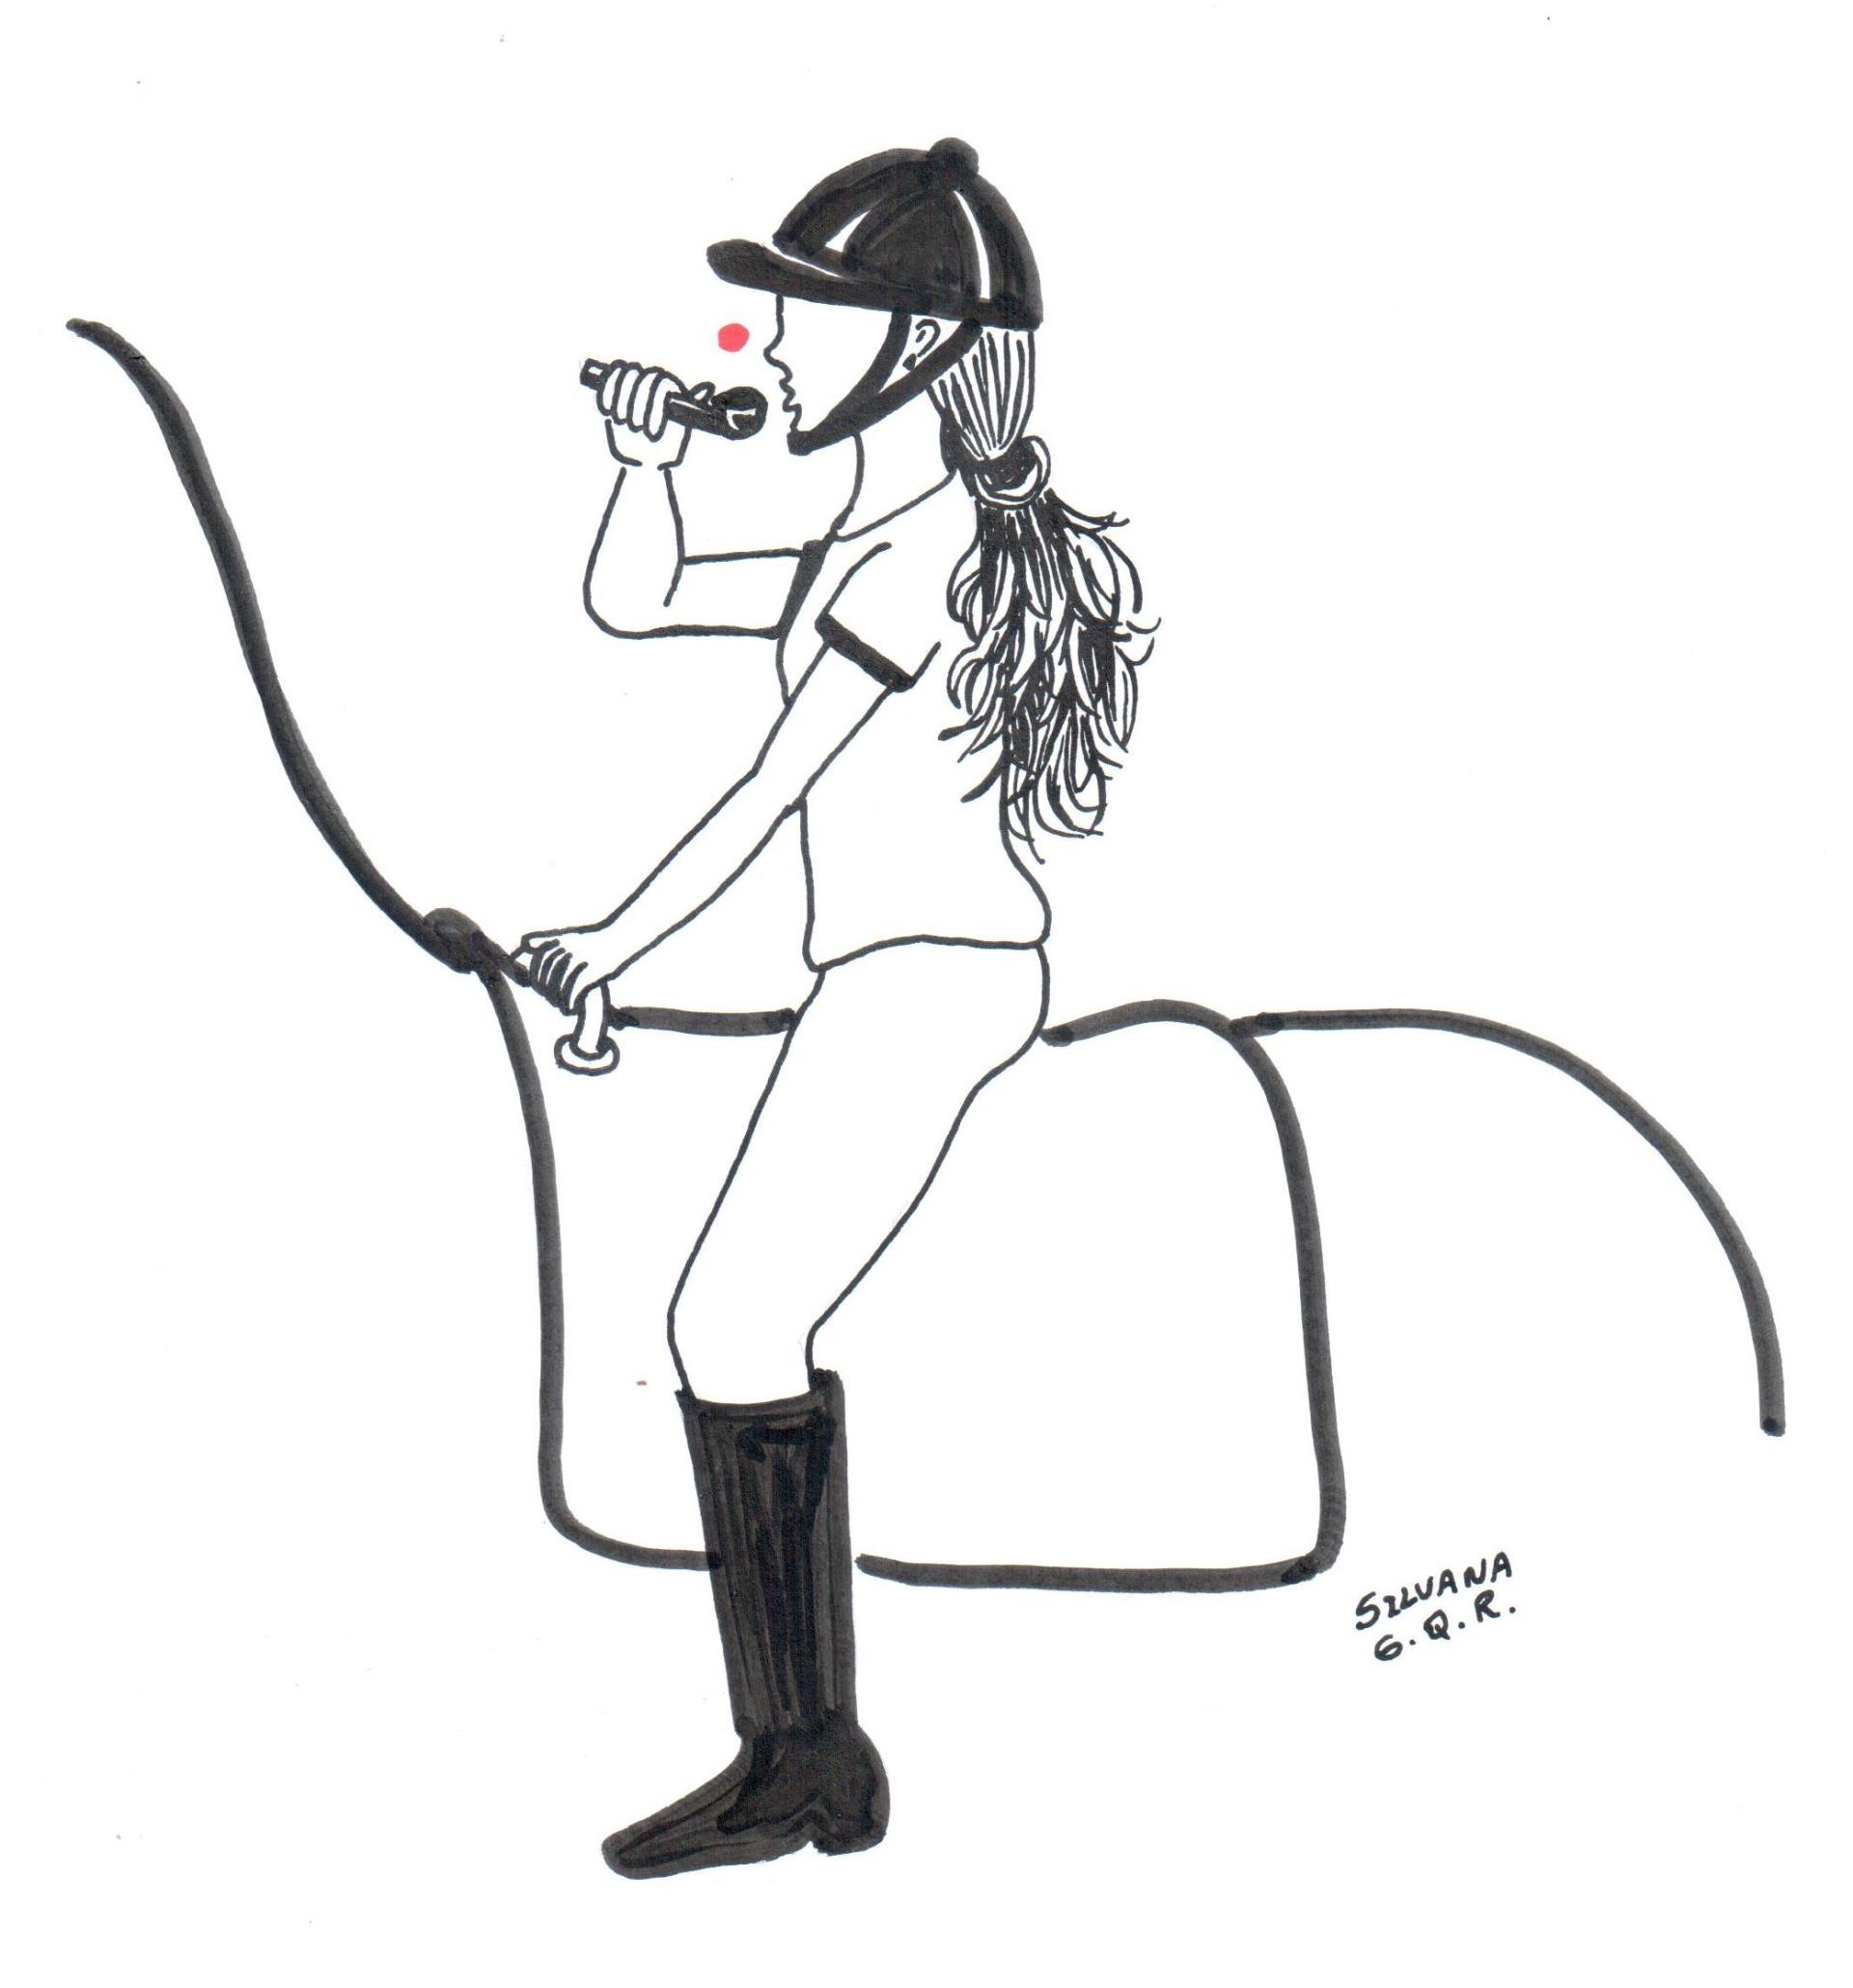 Desenho de uma menina montada o cavalo soprando um brinquedo que levanta uma bola.